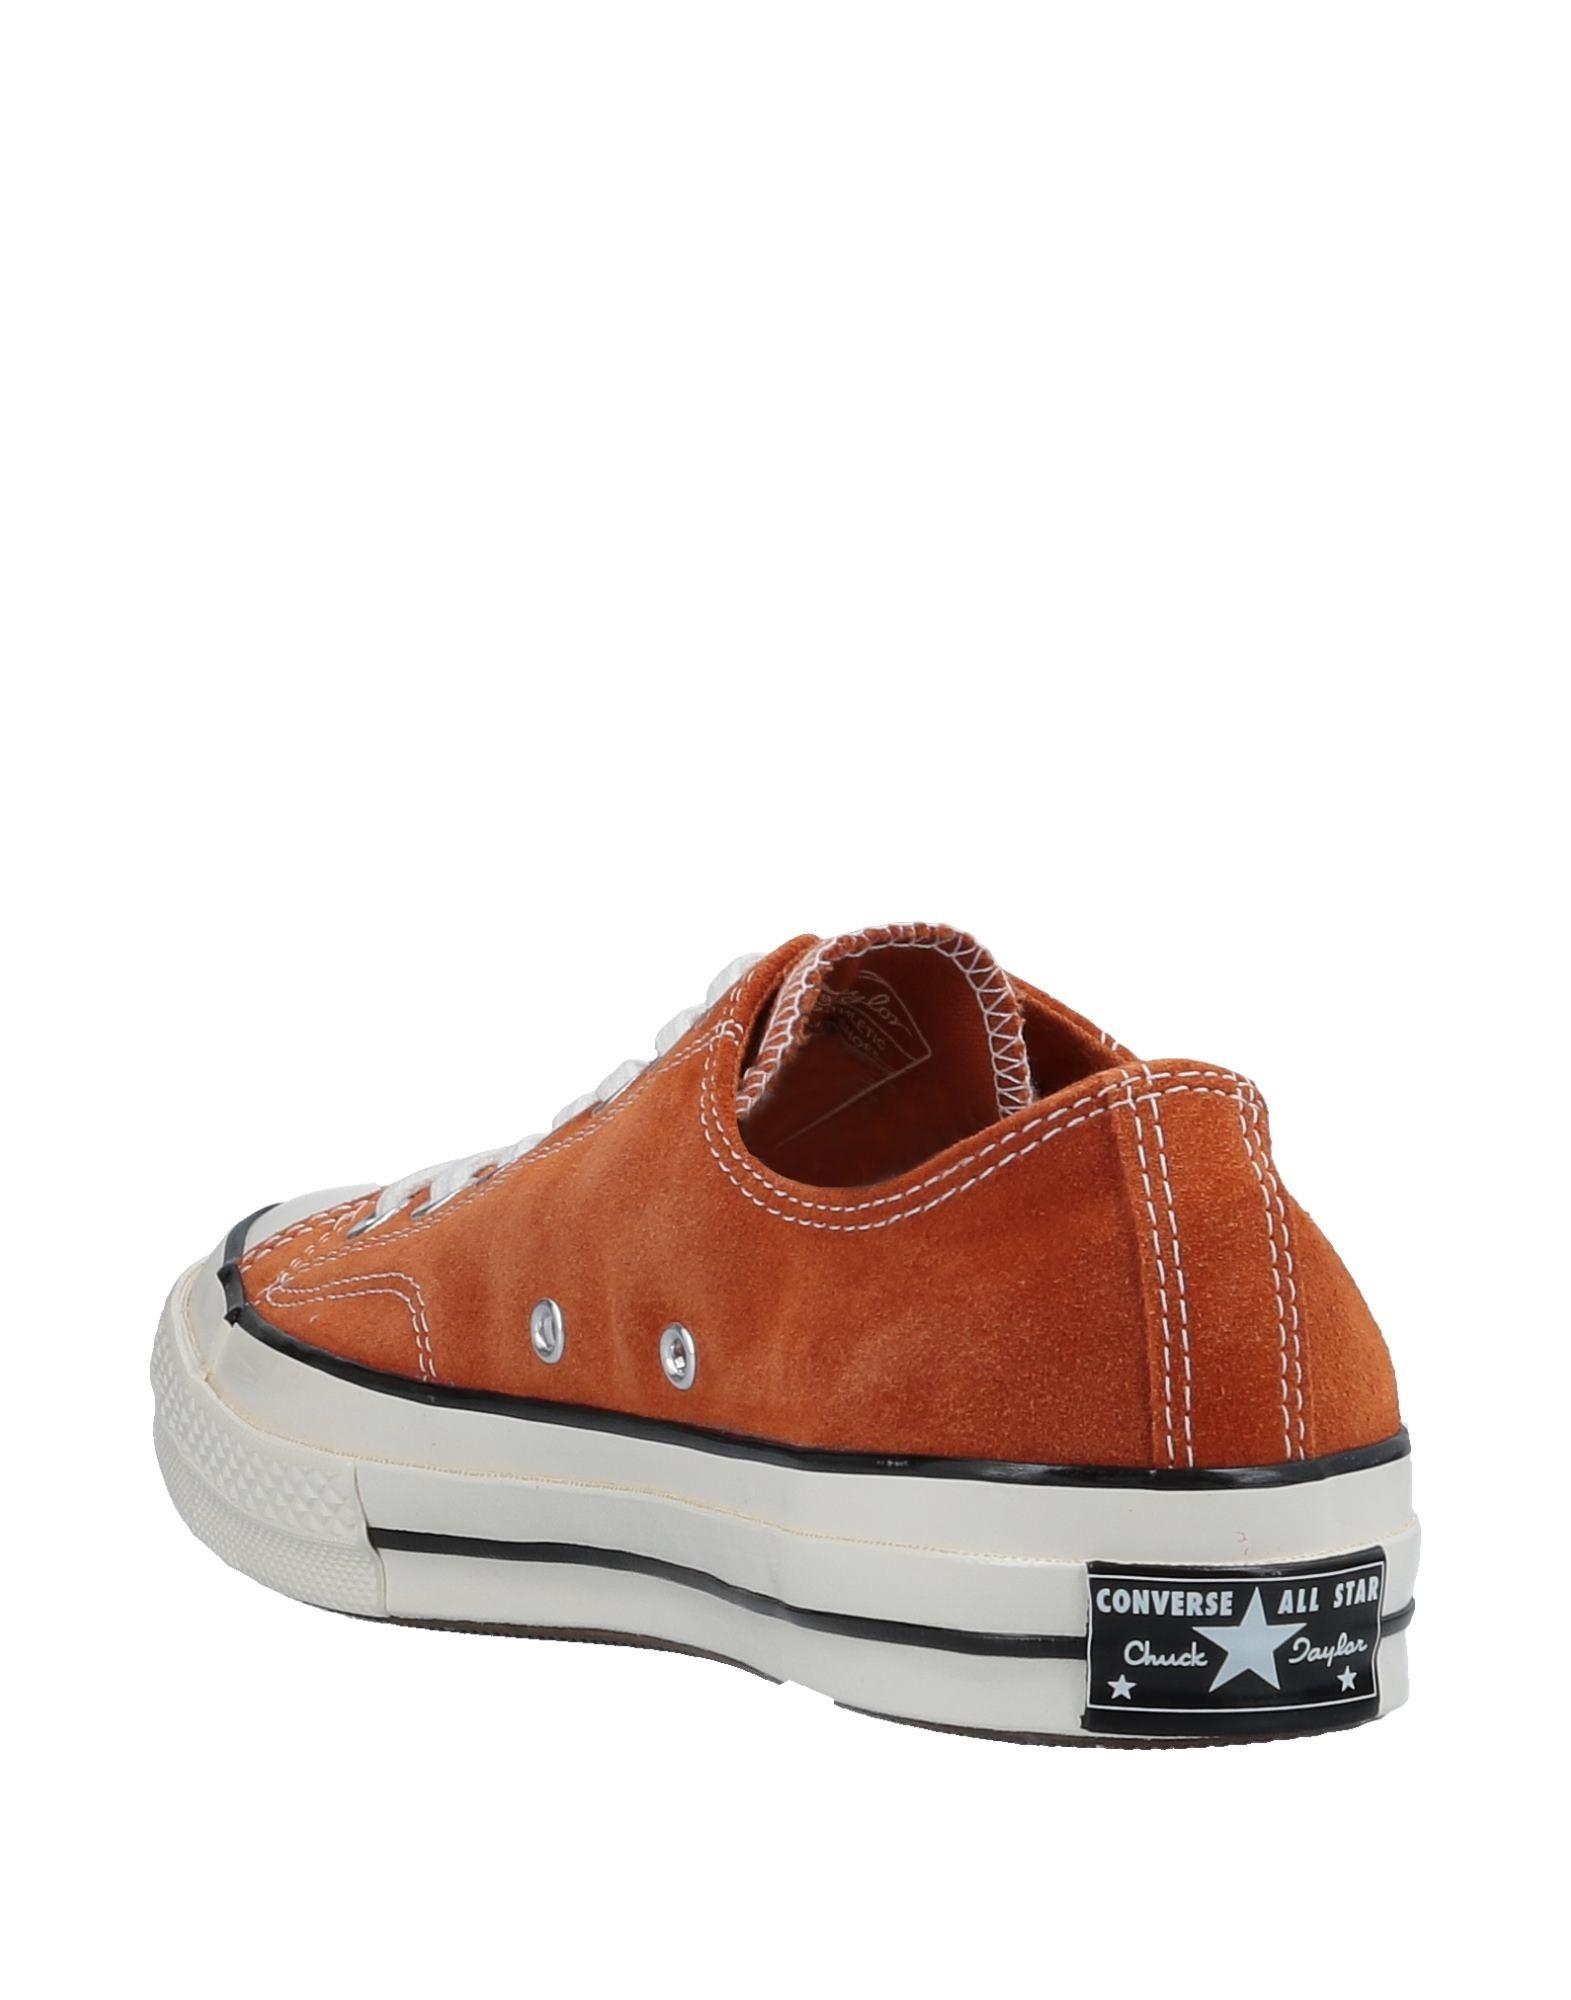 Rabatt echte Sneakers Schuhe Converse All Star Sneakers echte Herren  11508079EC 0cd156